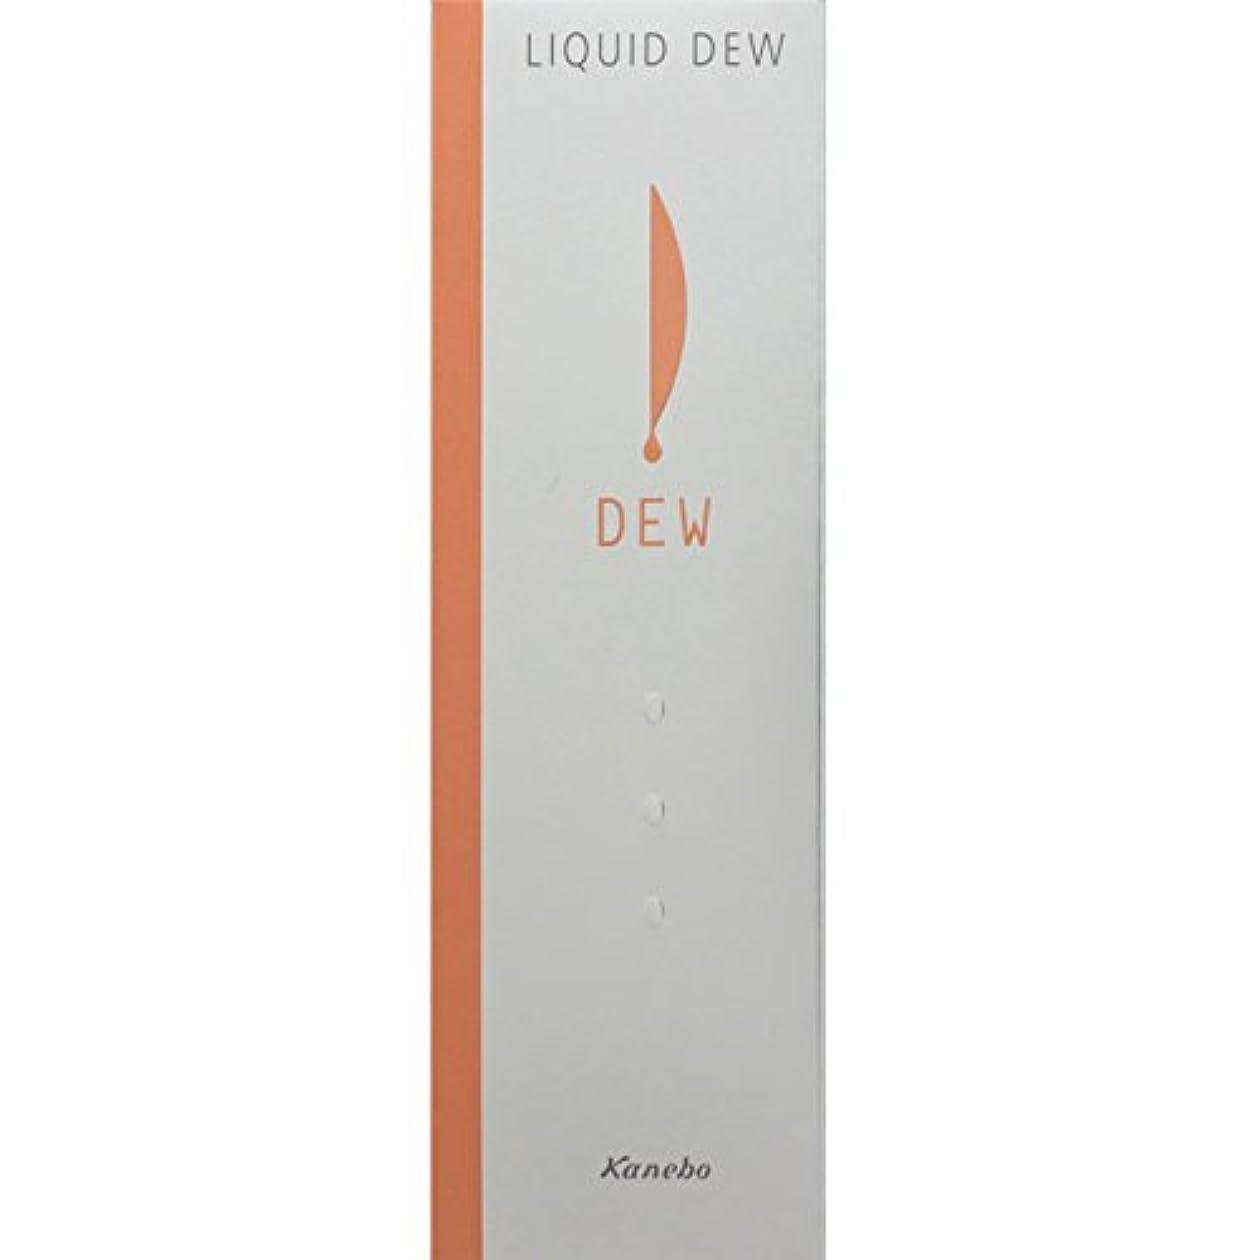 経由で小麦粉のどカネボウ DEW リクイドデュウ【オークルB】(保湿液?ファンデーション